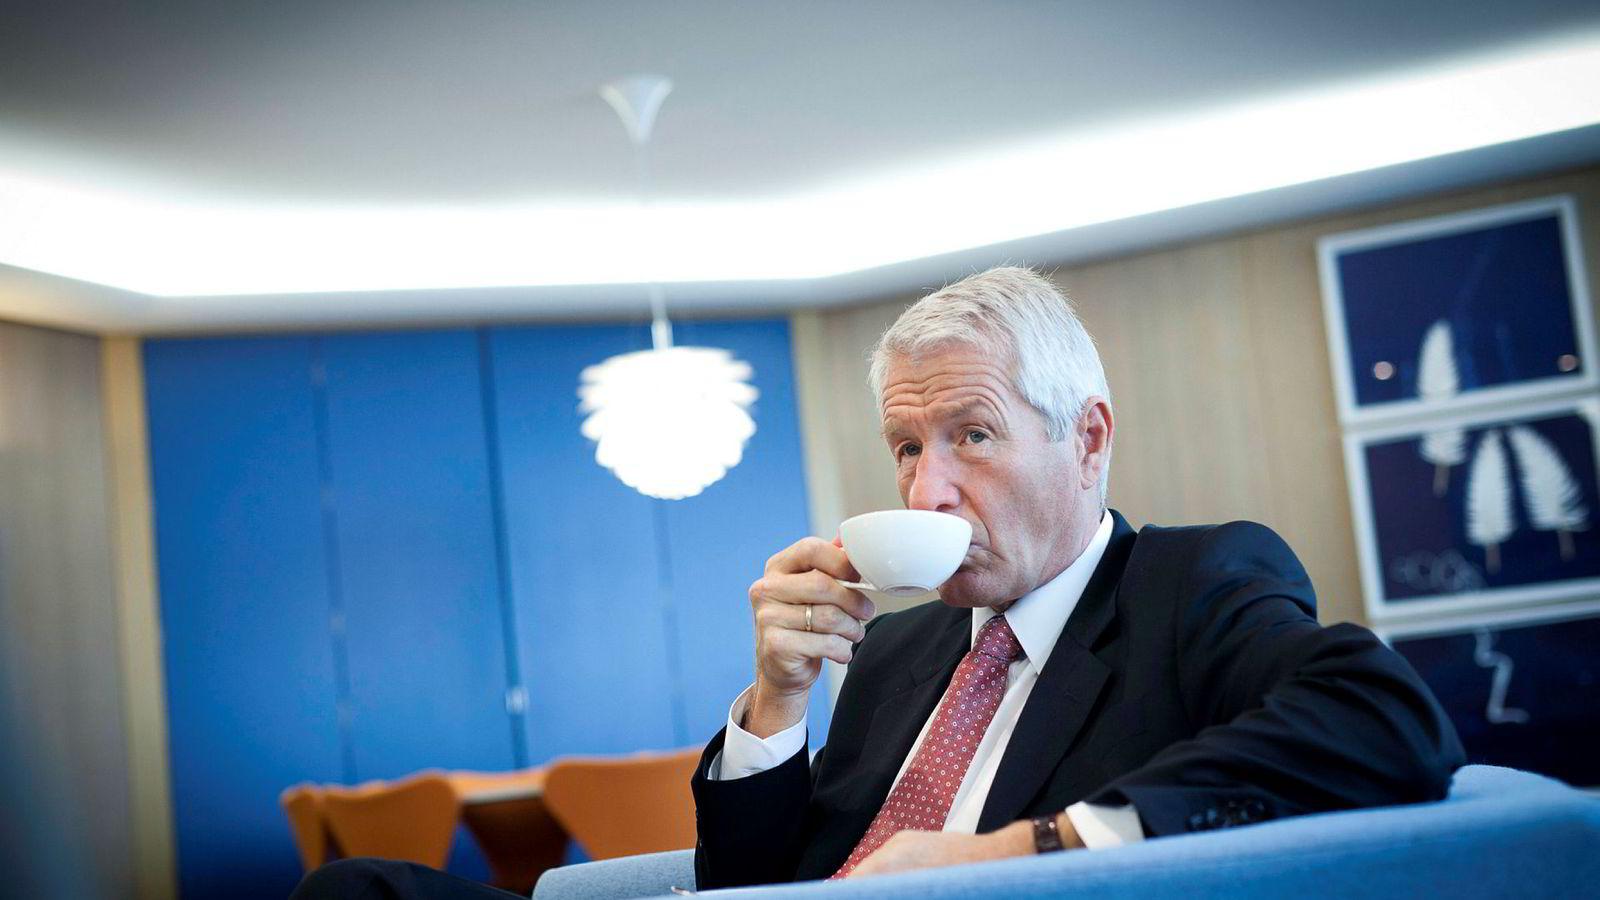 Generalsekretær Thorbjørn Jagland i Europarådet på sitt kontor Strasbourg. Foto: Gunnar Lier